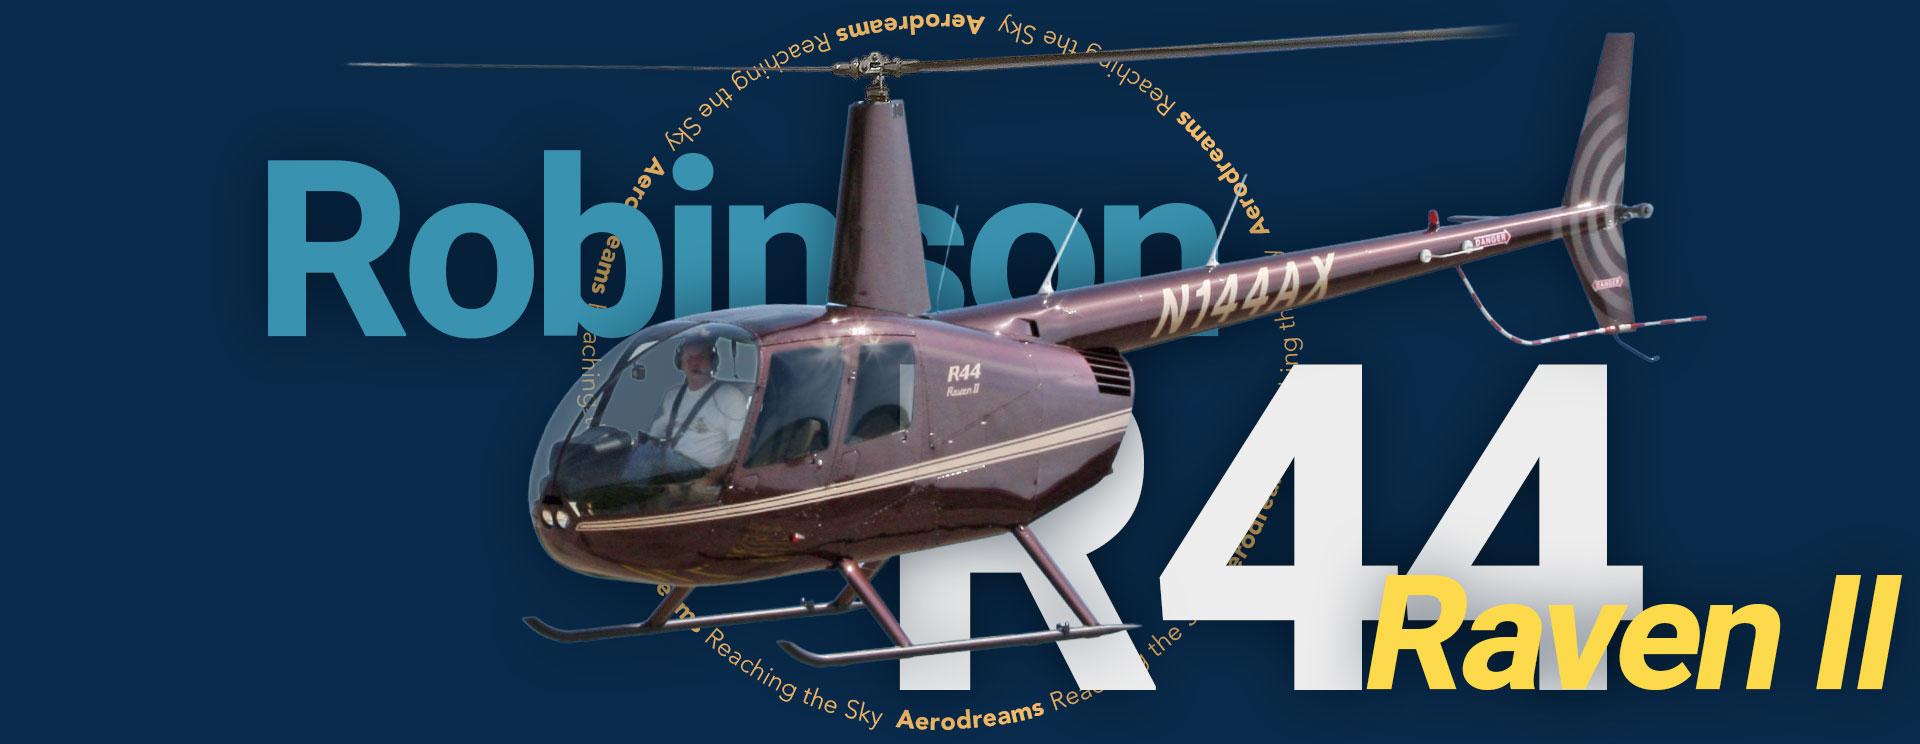 r44_Raven_II